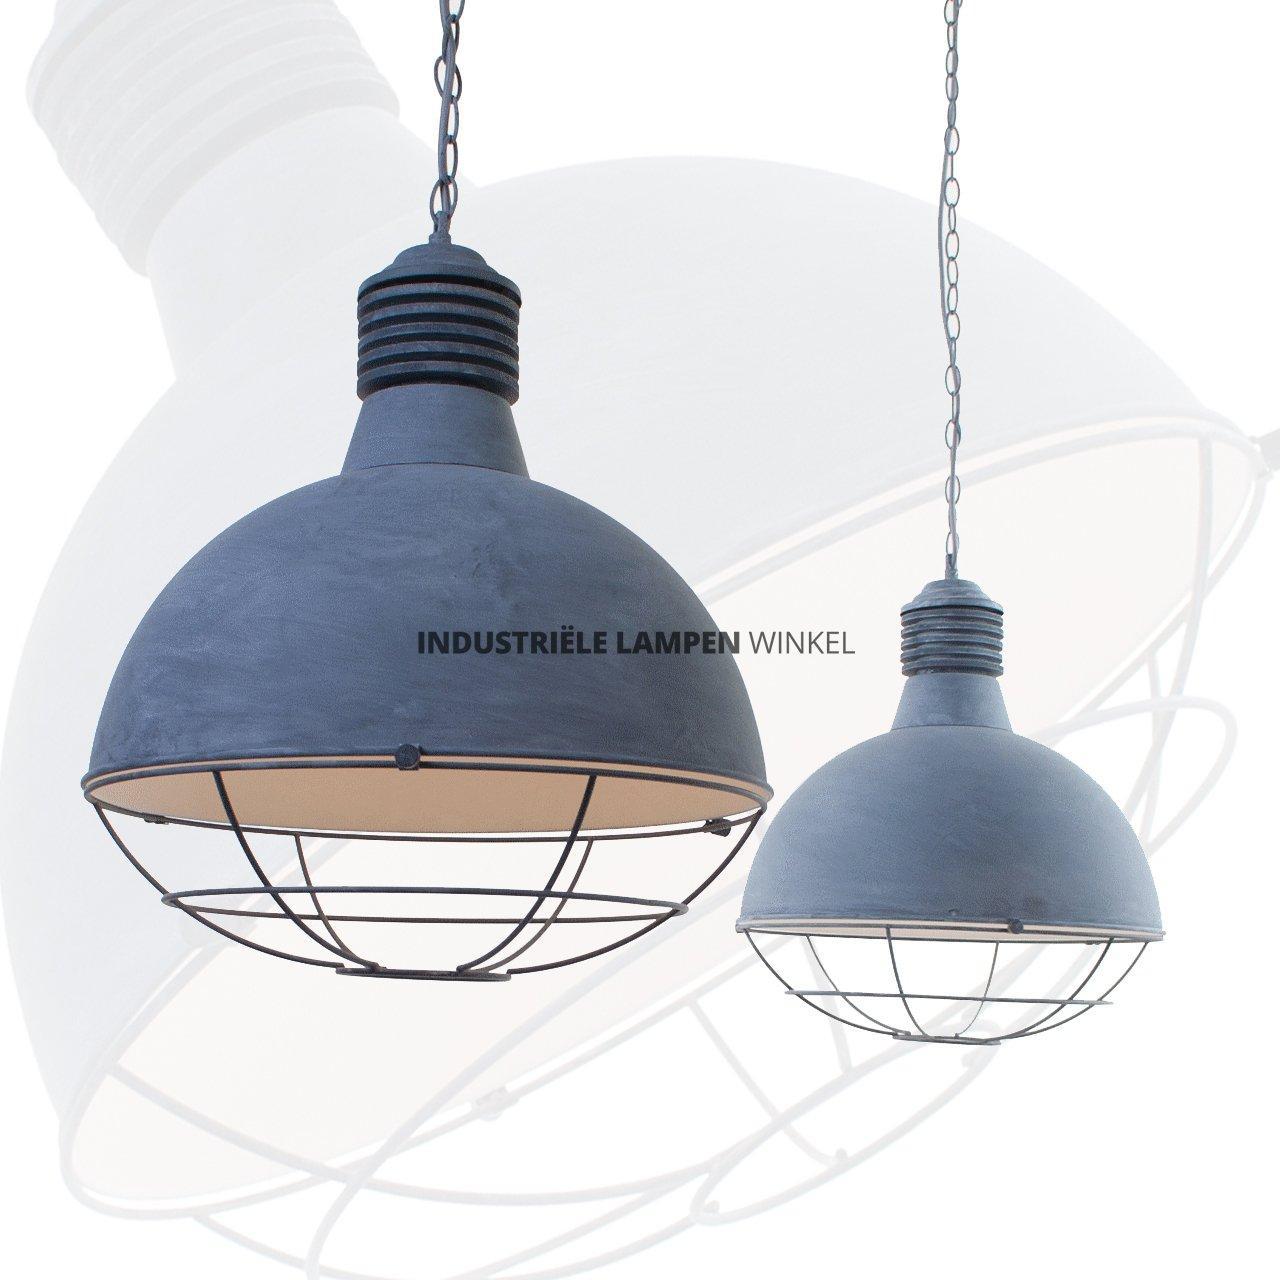 Dubbele hanglamp industrieel dubbele rvs hanglamp zonder for Kleine industriele hanglamp